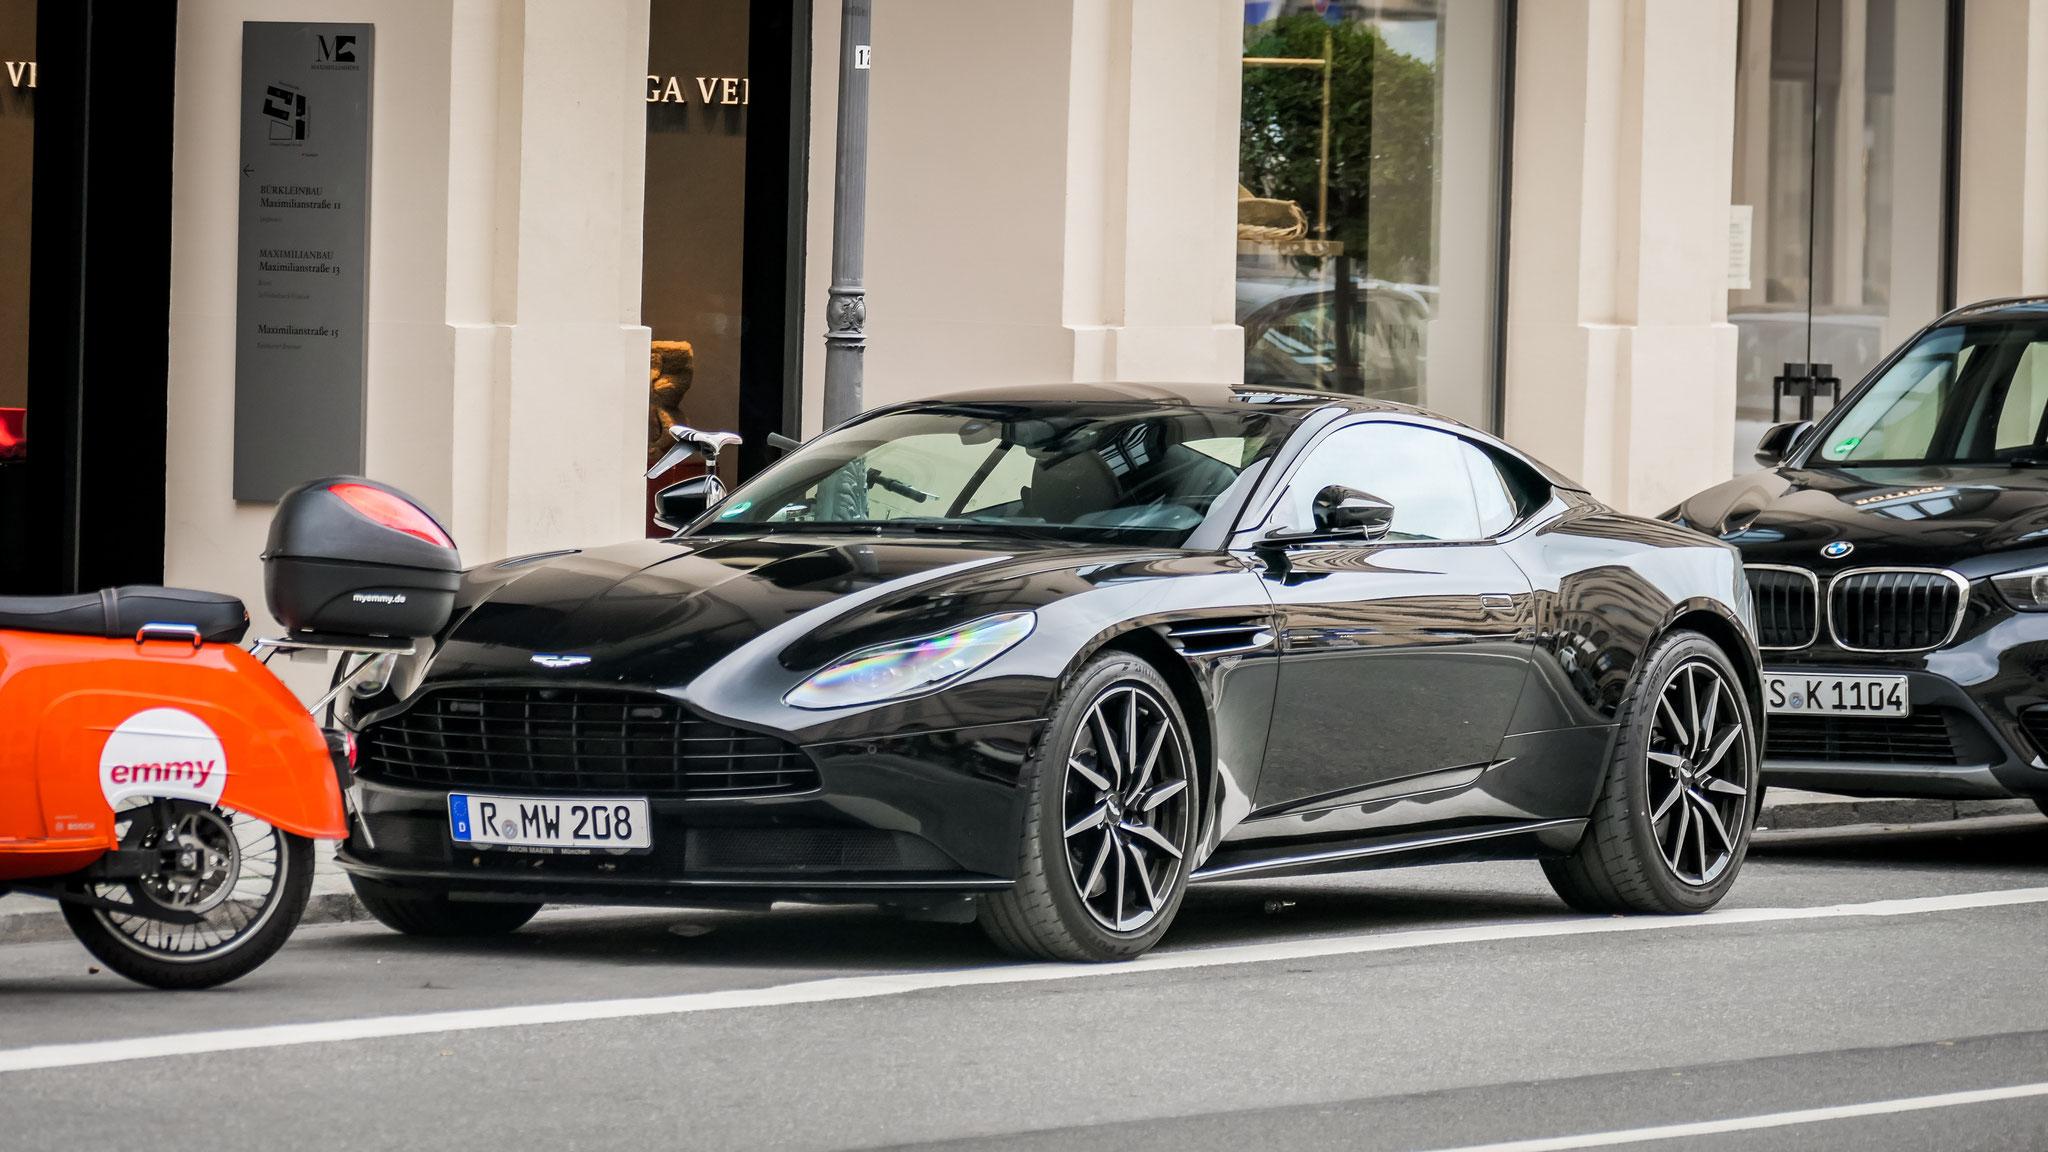 Aston Martin DB11 - R-MW-208